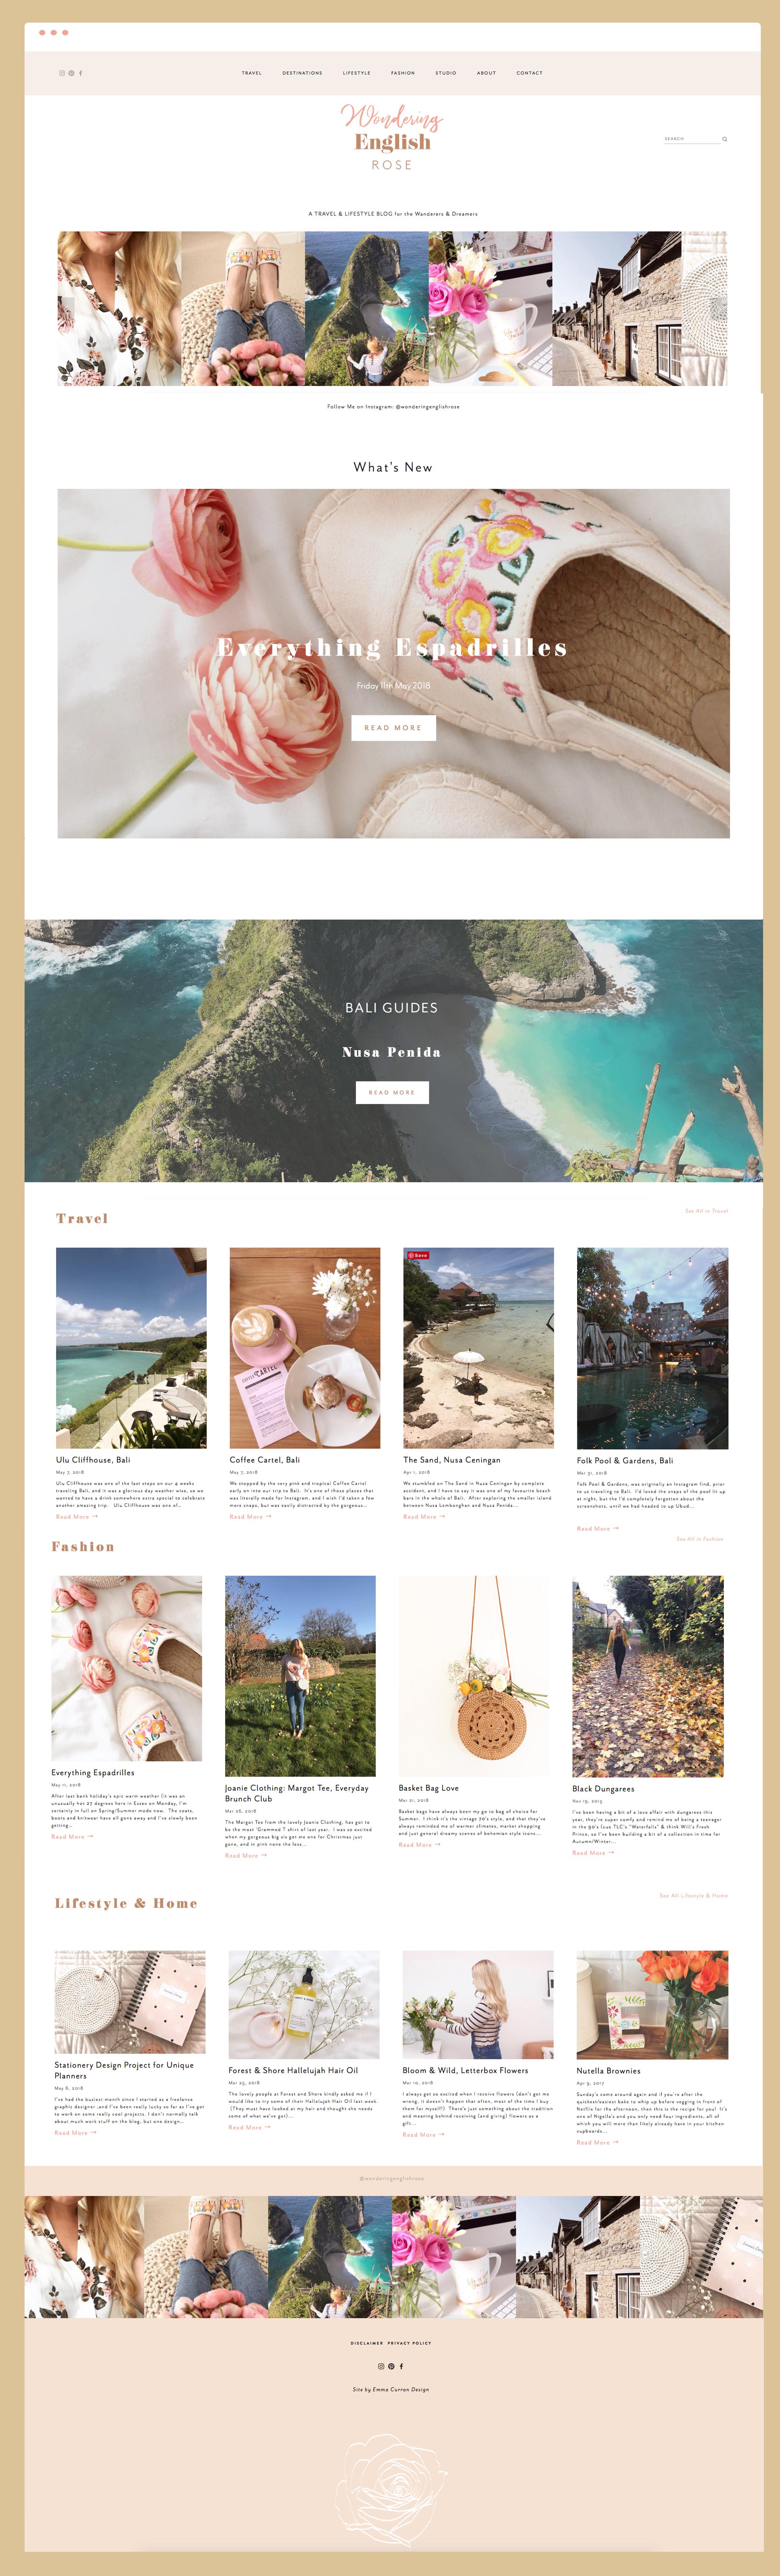 WER-Flat-Browser-Mock-Up-Full-Site-Portfolio.png